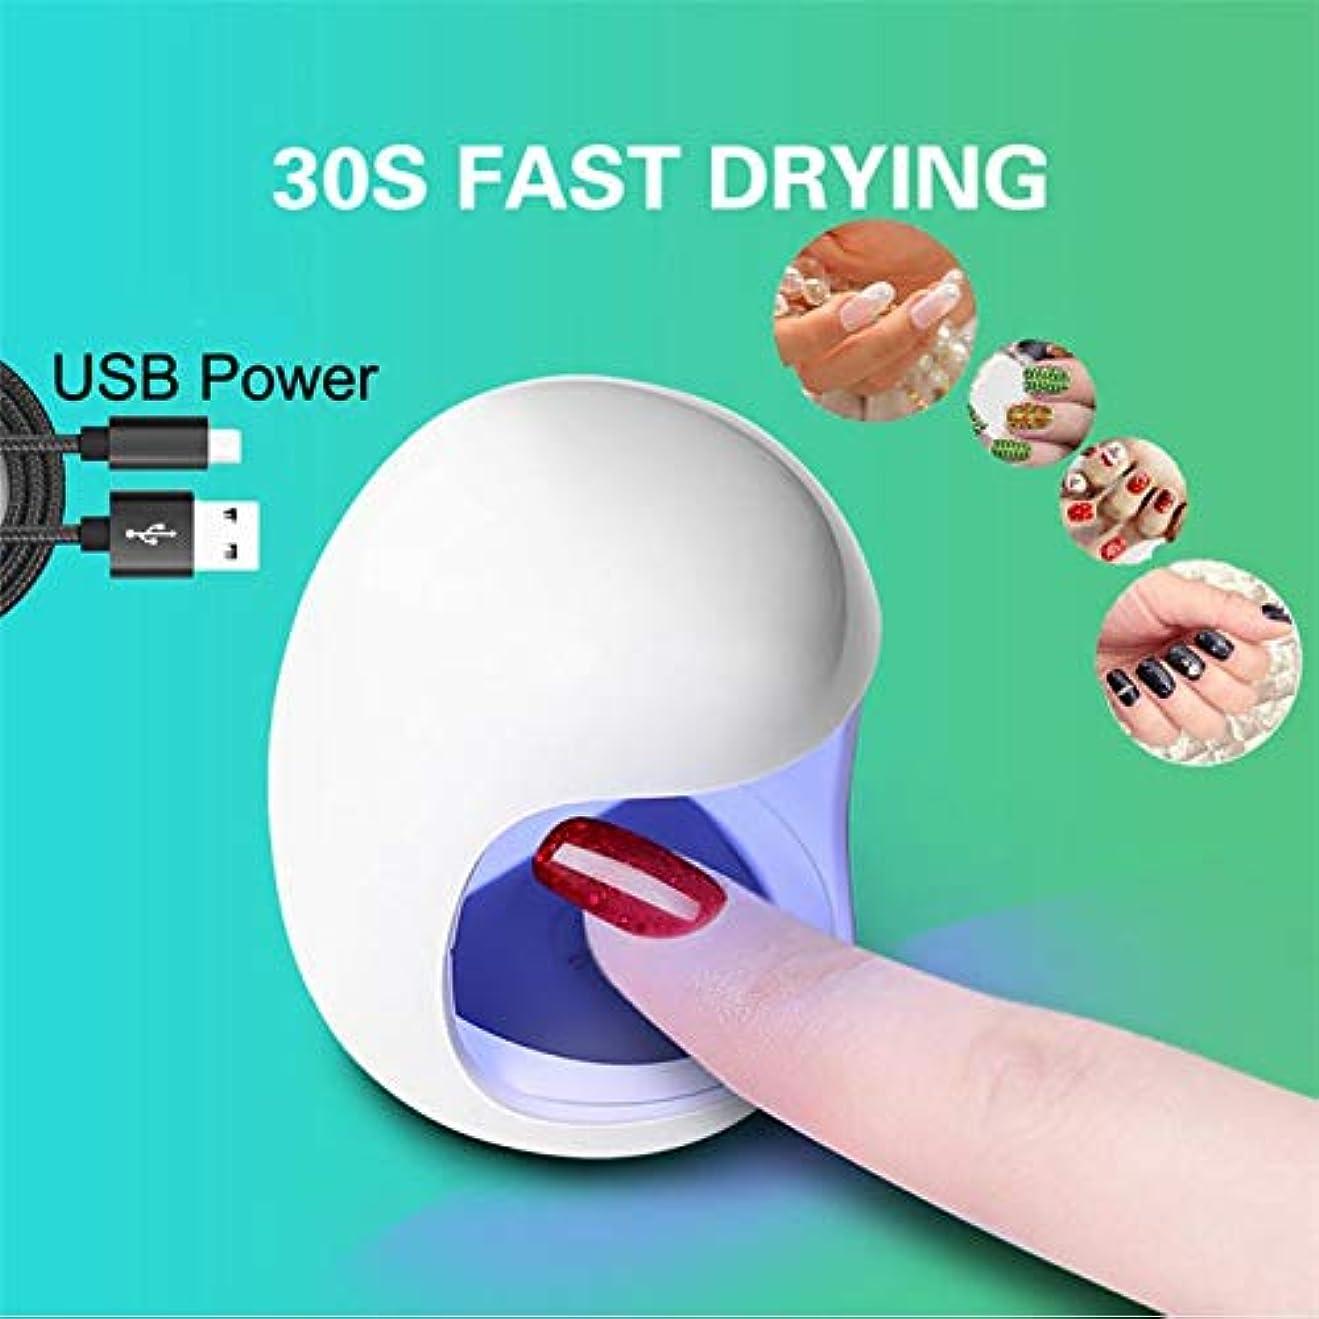 永遠に外国人禁止58 × 45 × 45 ミリメートル 3 ワットホワイトミニ Usb UV ネイルジェル硬化ランプライトネイルジェルポリッシュ乾燥機ネイルアート機 PC & ABS Led UV ランプ lampa